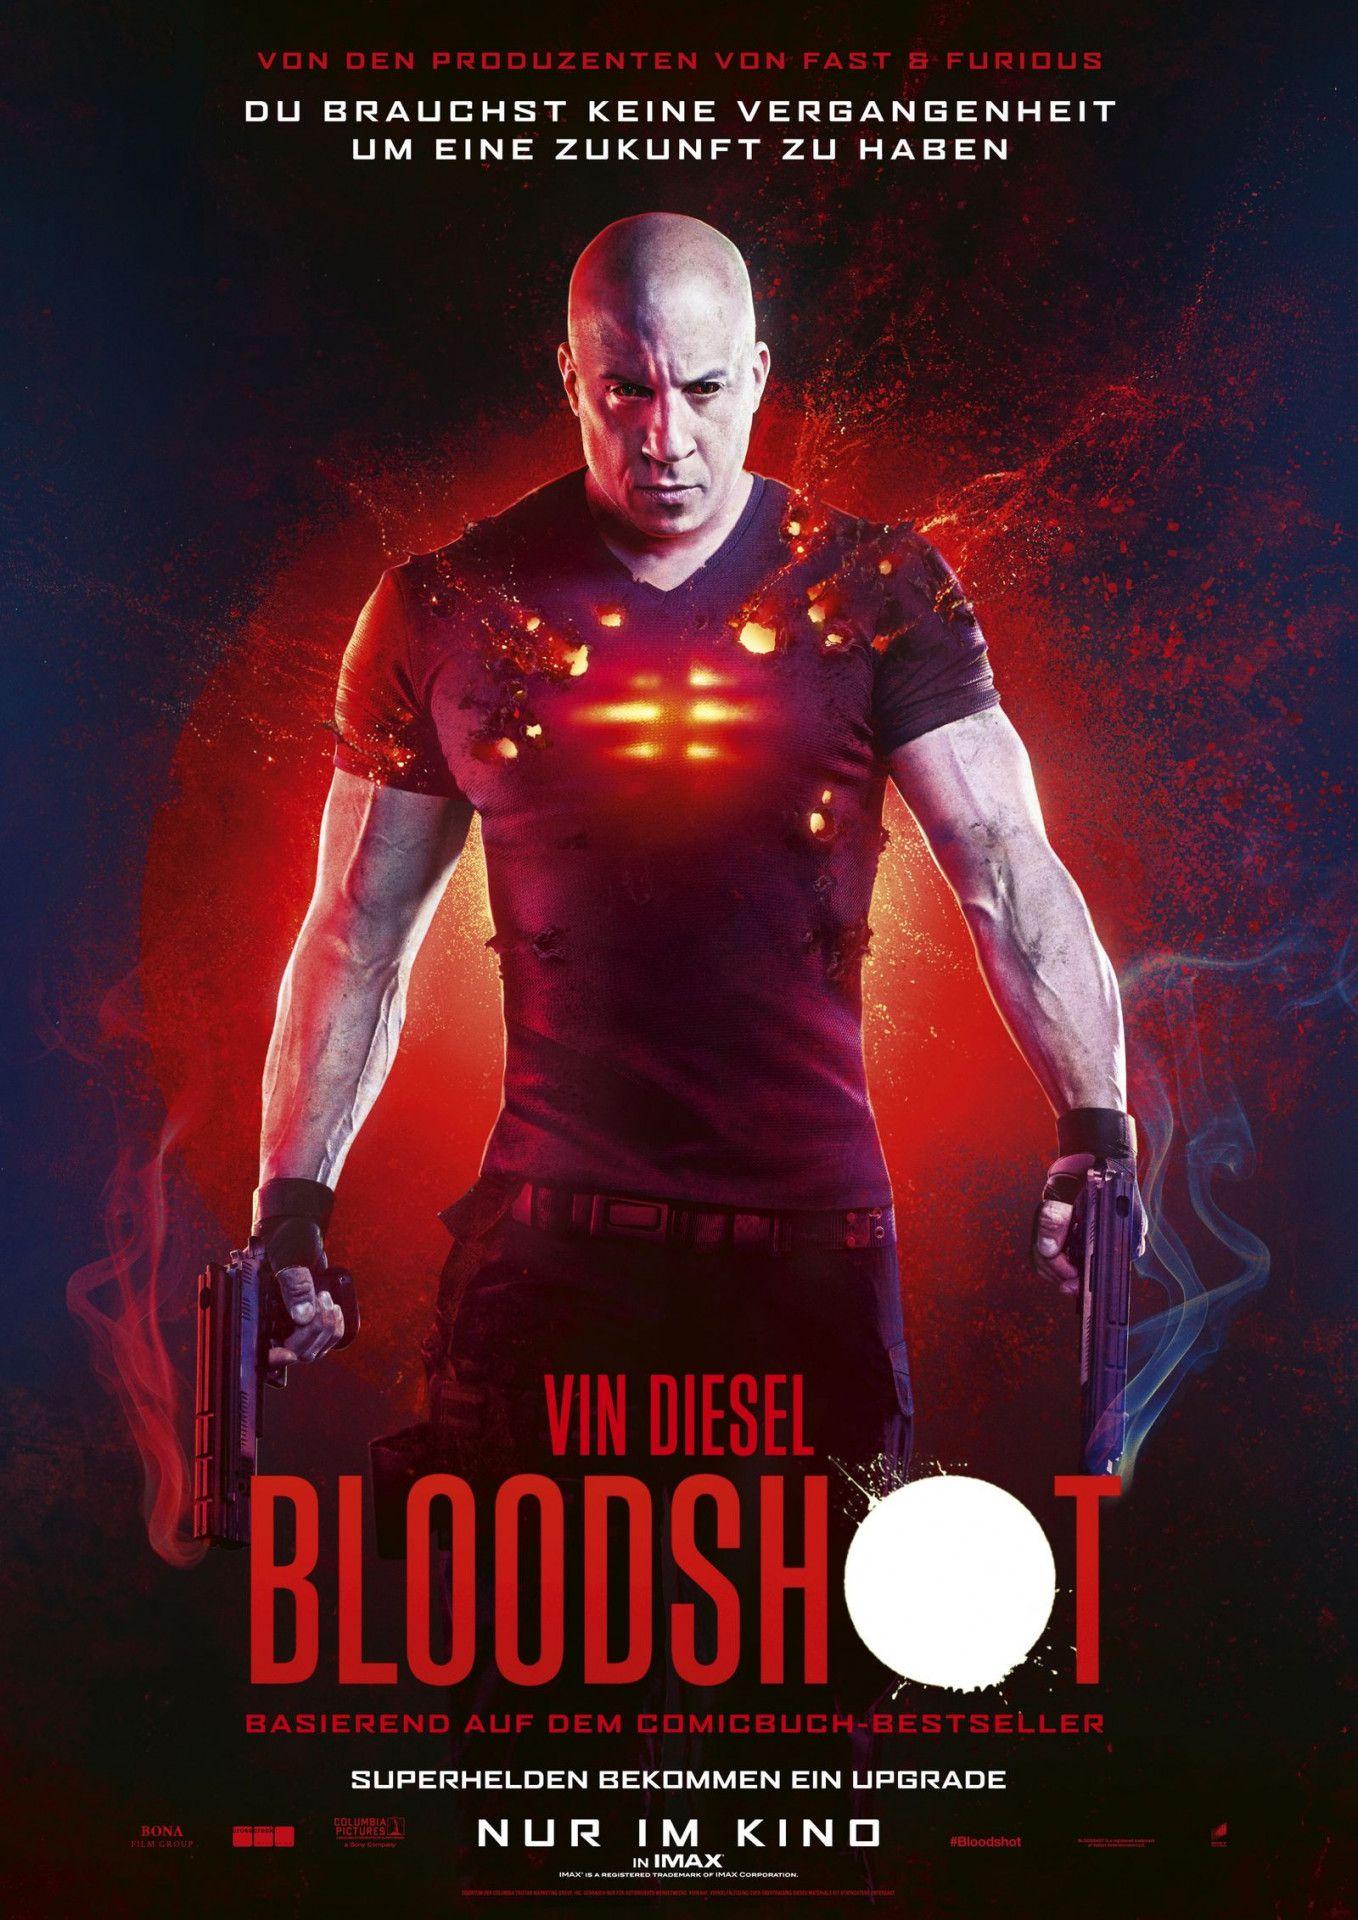 """In der Comic-Verfilmung """"Bloodshot"""" verkörpert Actionrecke Vin Diesel einen ermordeten Elitesoldaten, der ins Leben zurückgeholt und technisch zu einer unzerstörbaren Killermaschine hochgerüstet wird."""